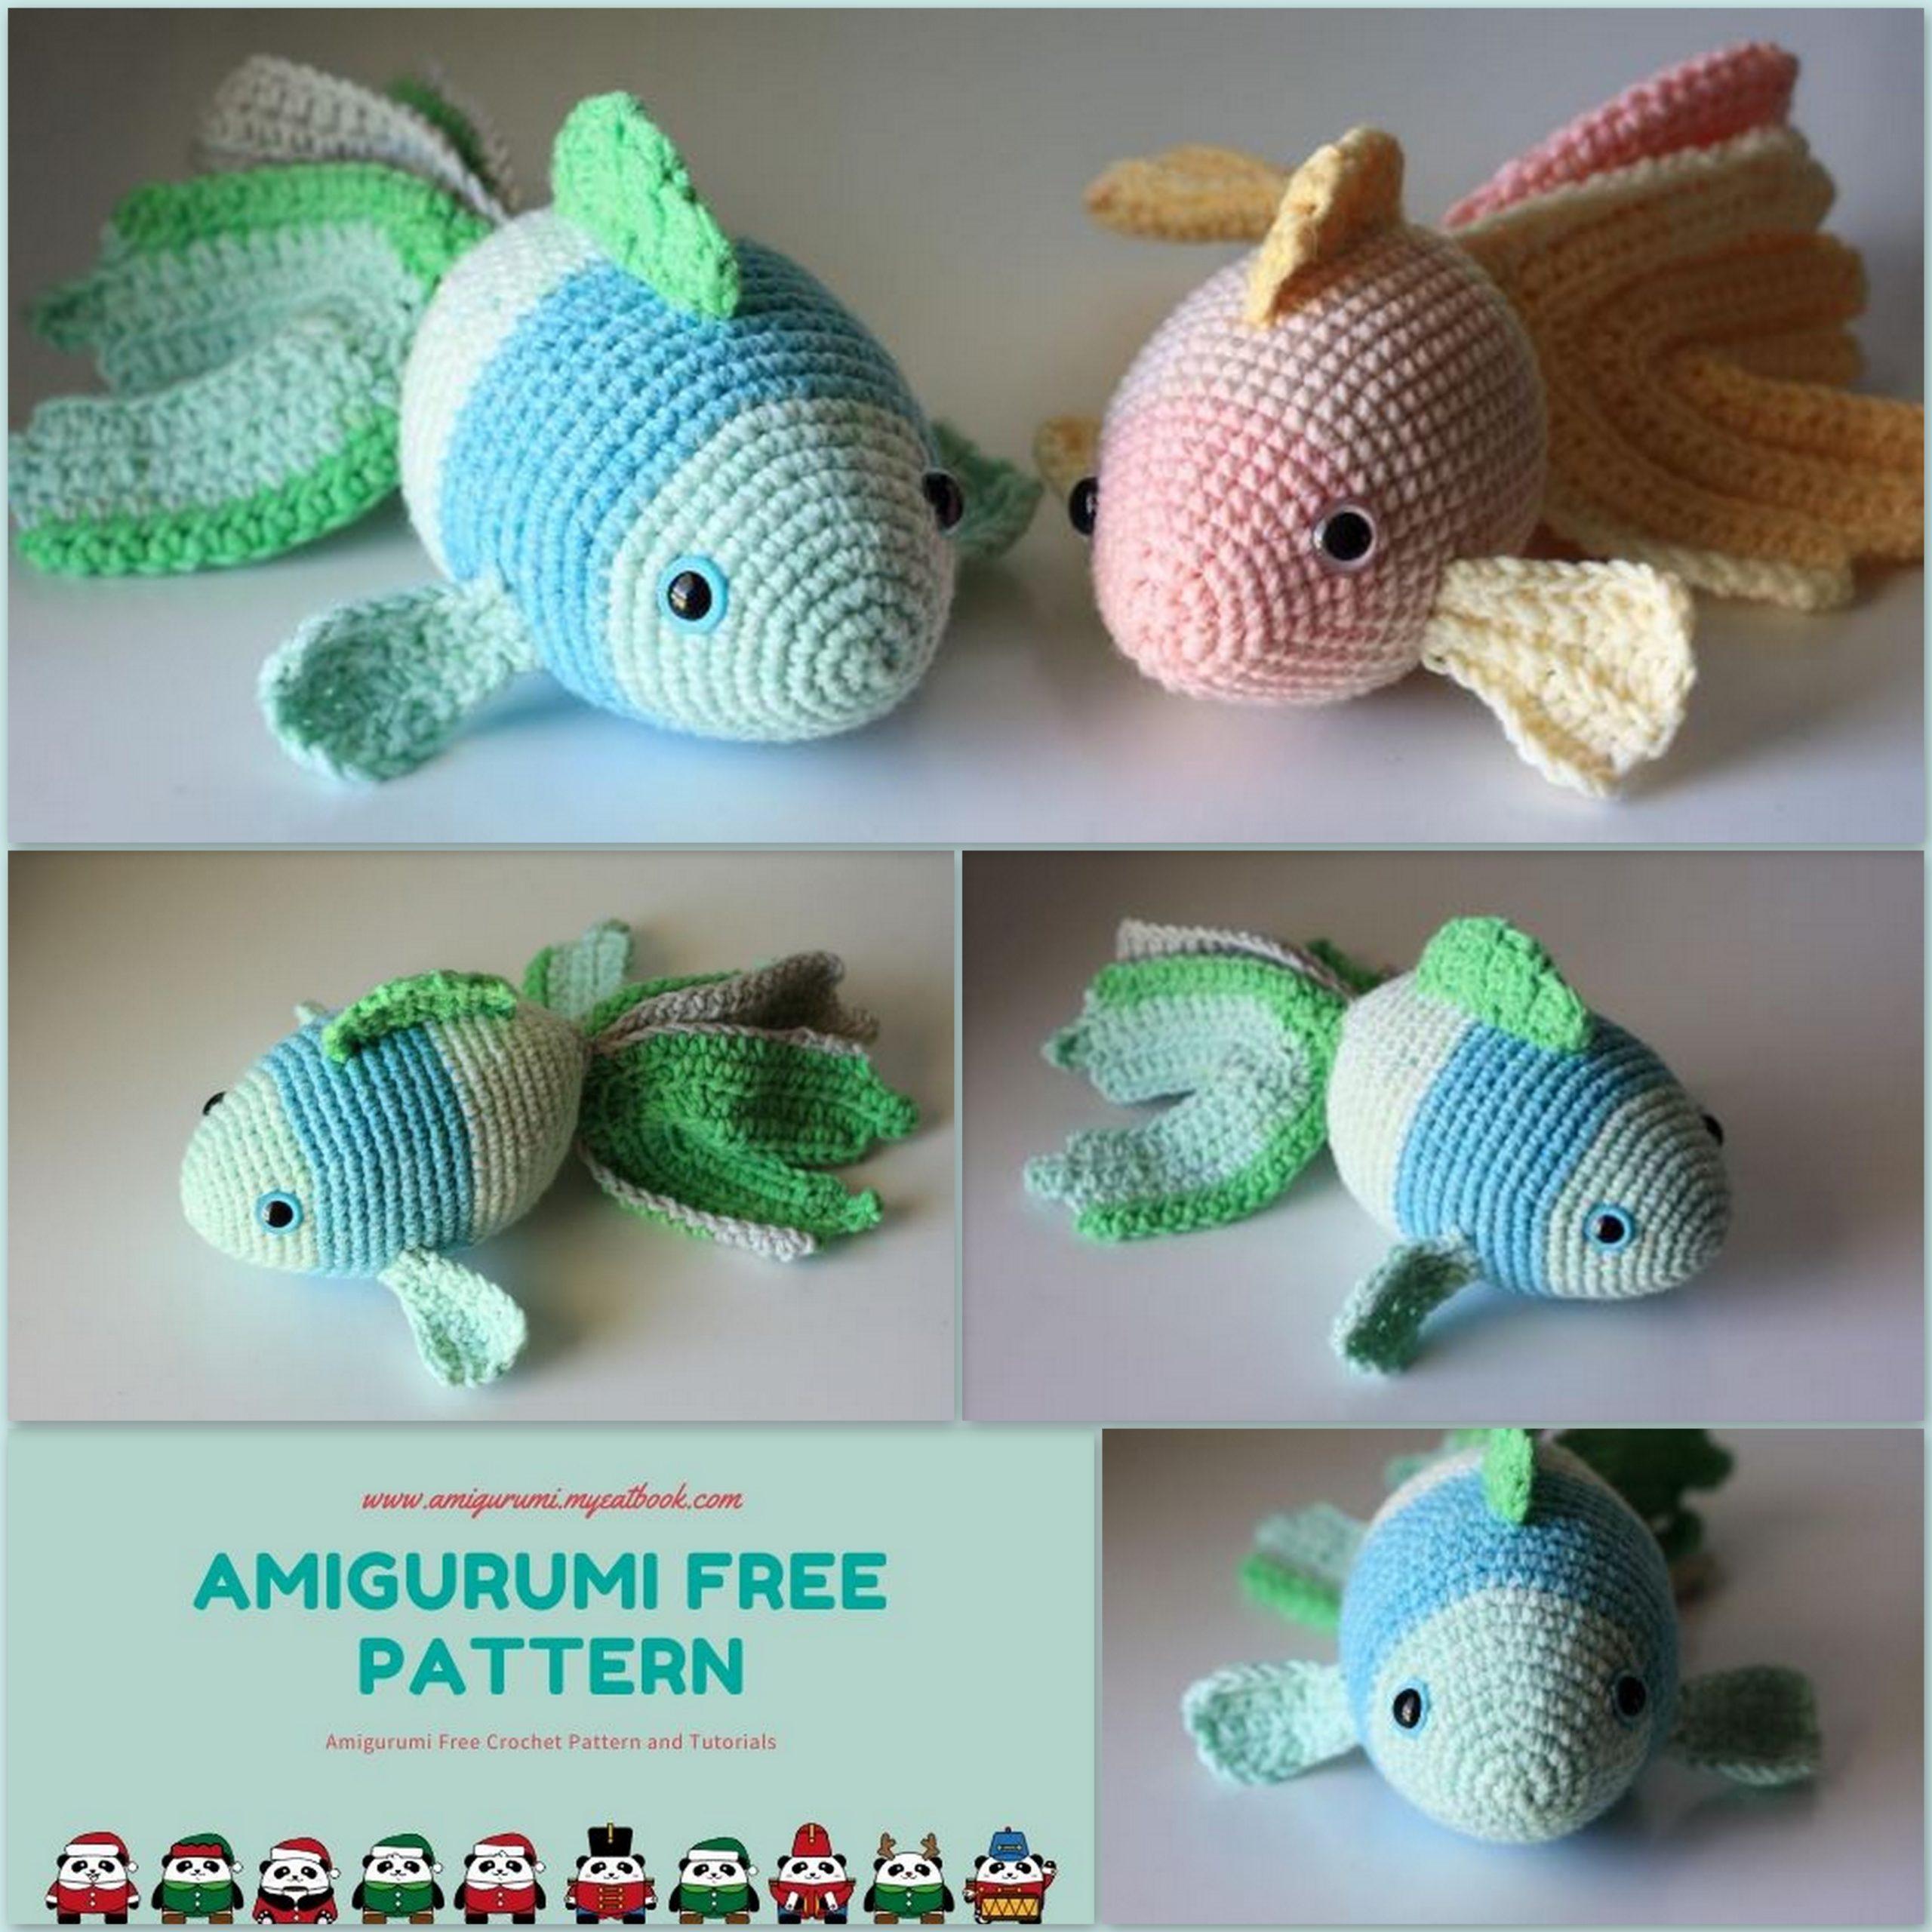 crochet Finn the Fish free pattern : crochet Finn the Fish free ... | 2560x2560